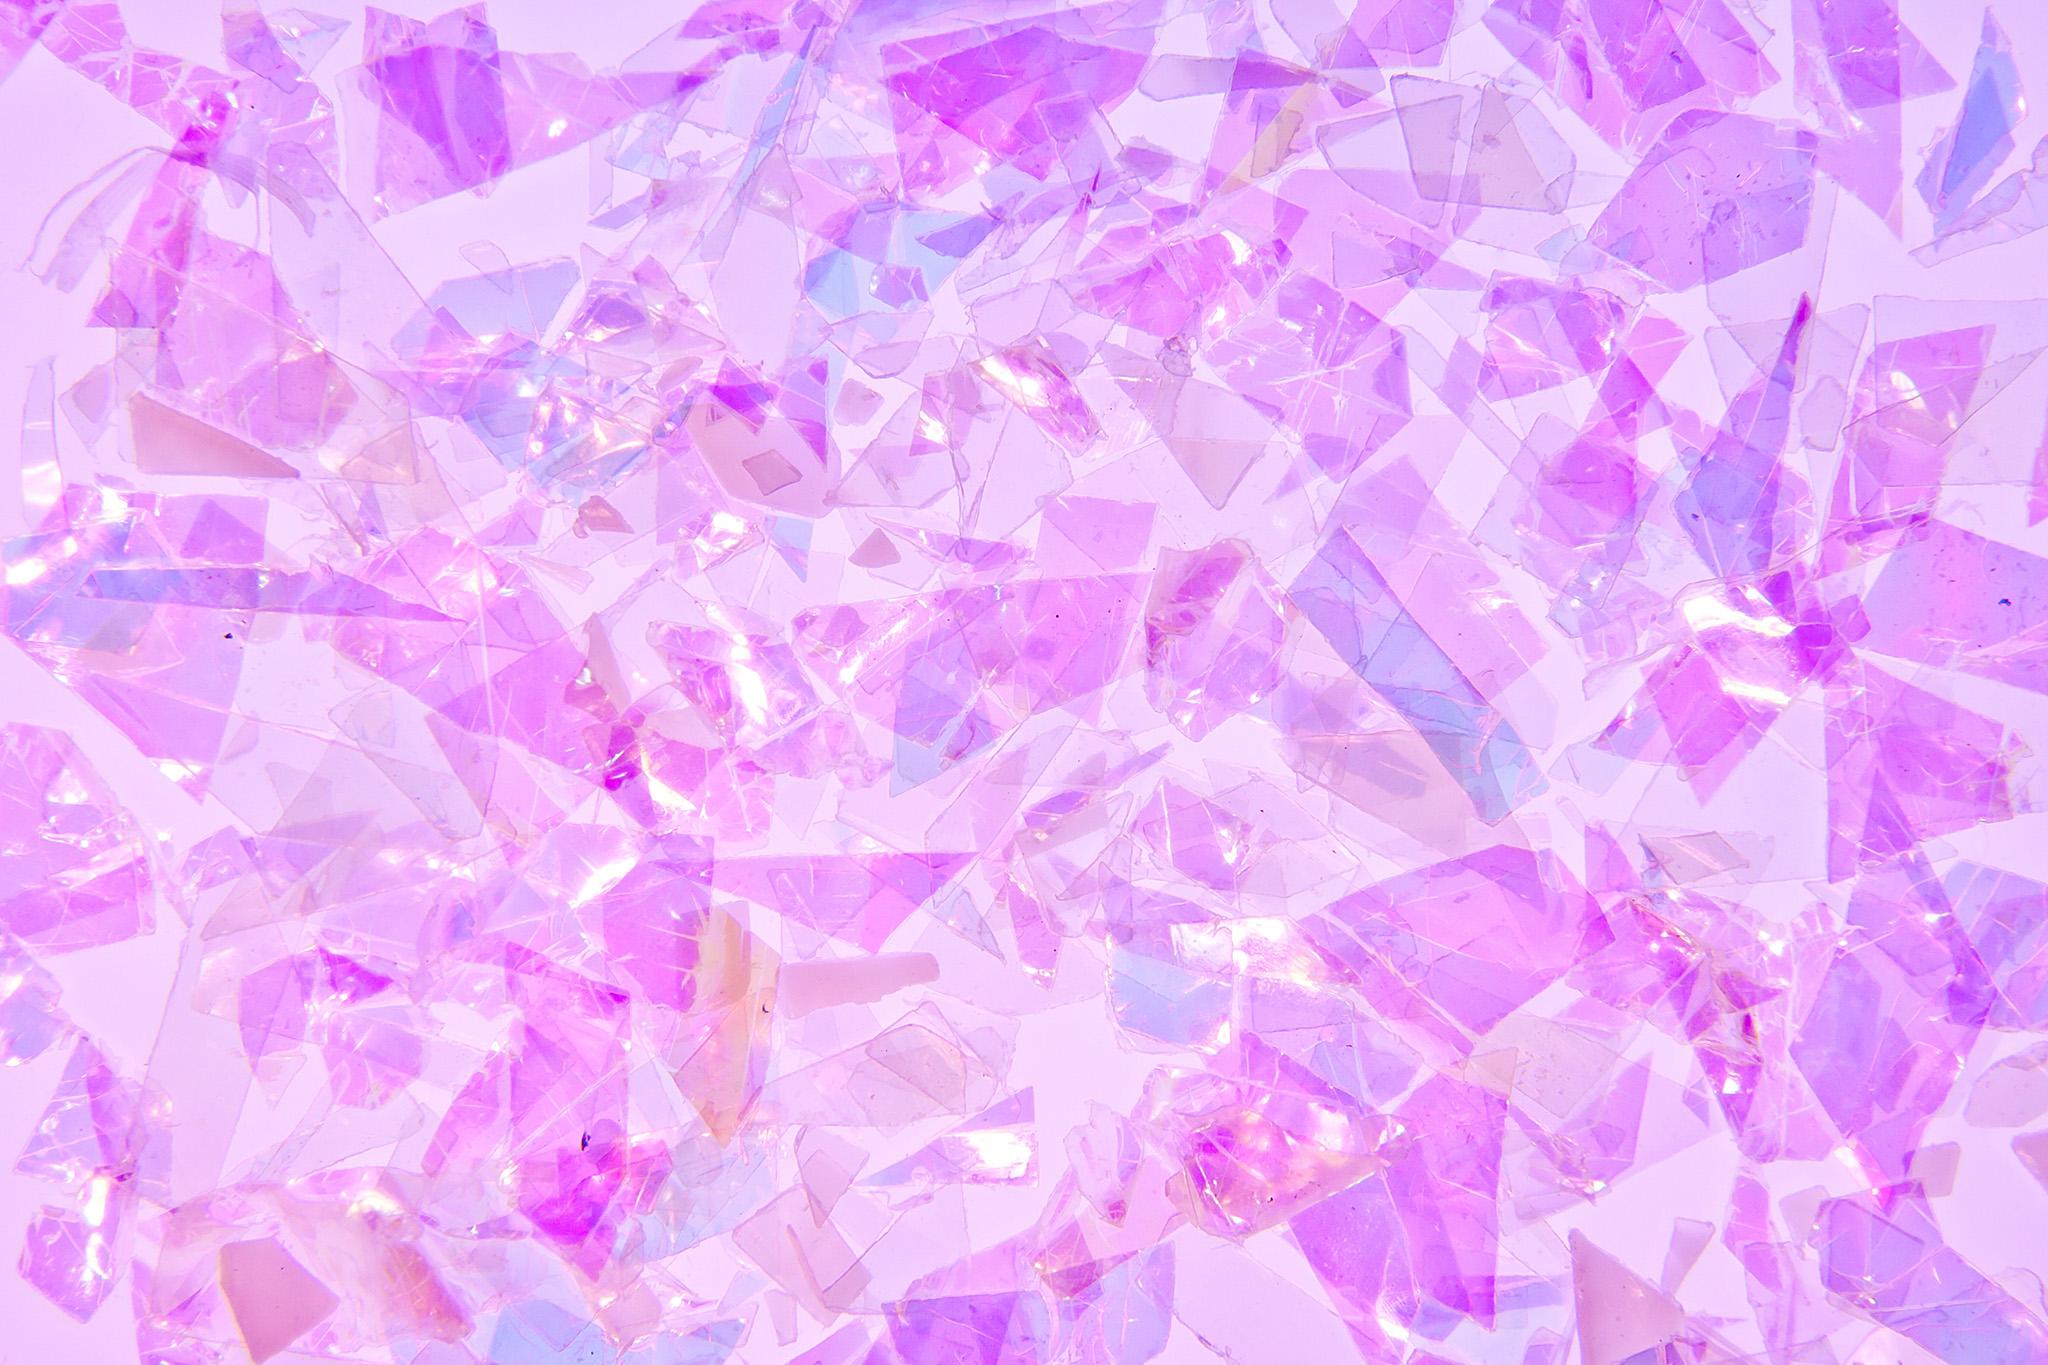 「紫色のキラキラと光るフィルム」